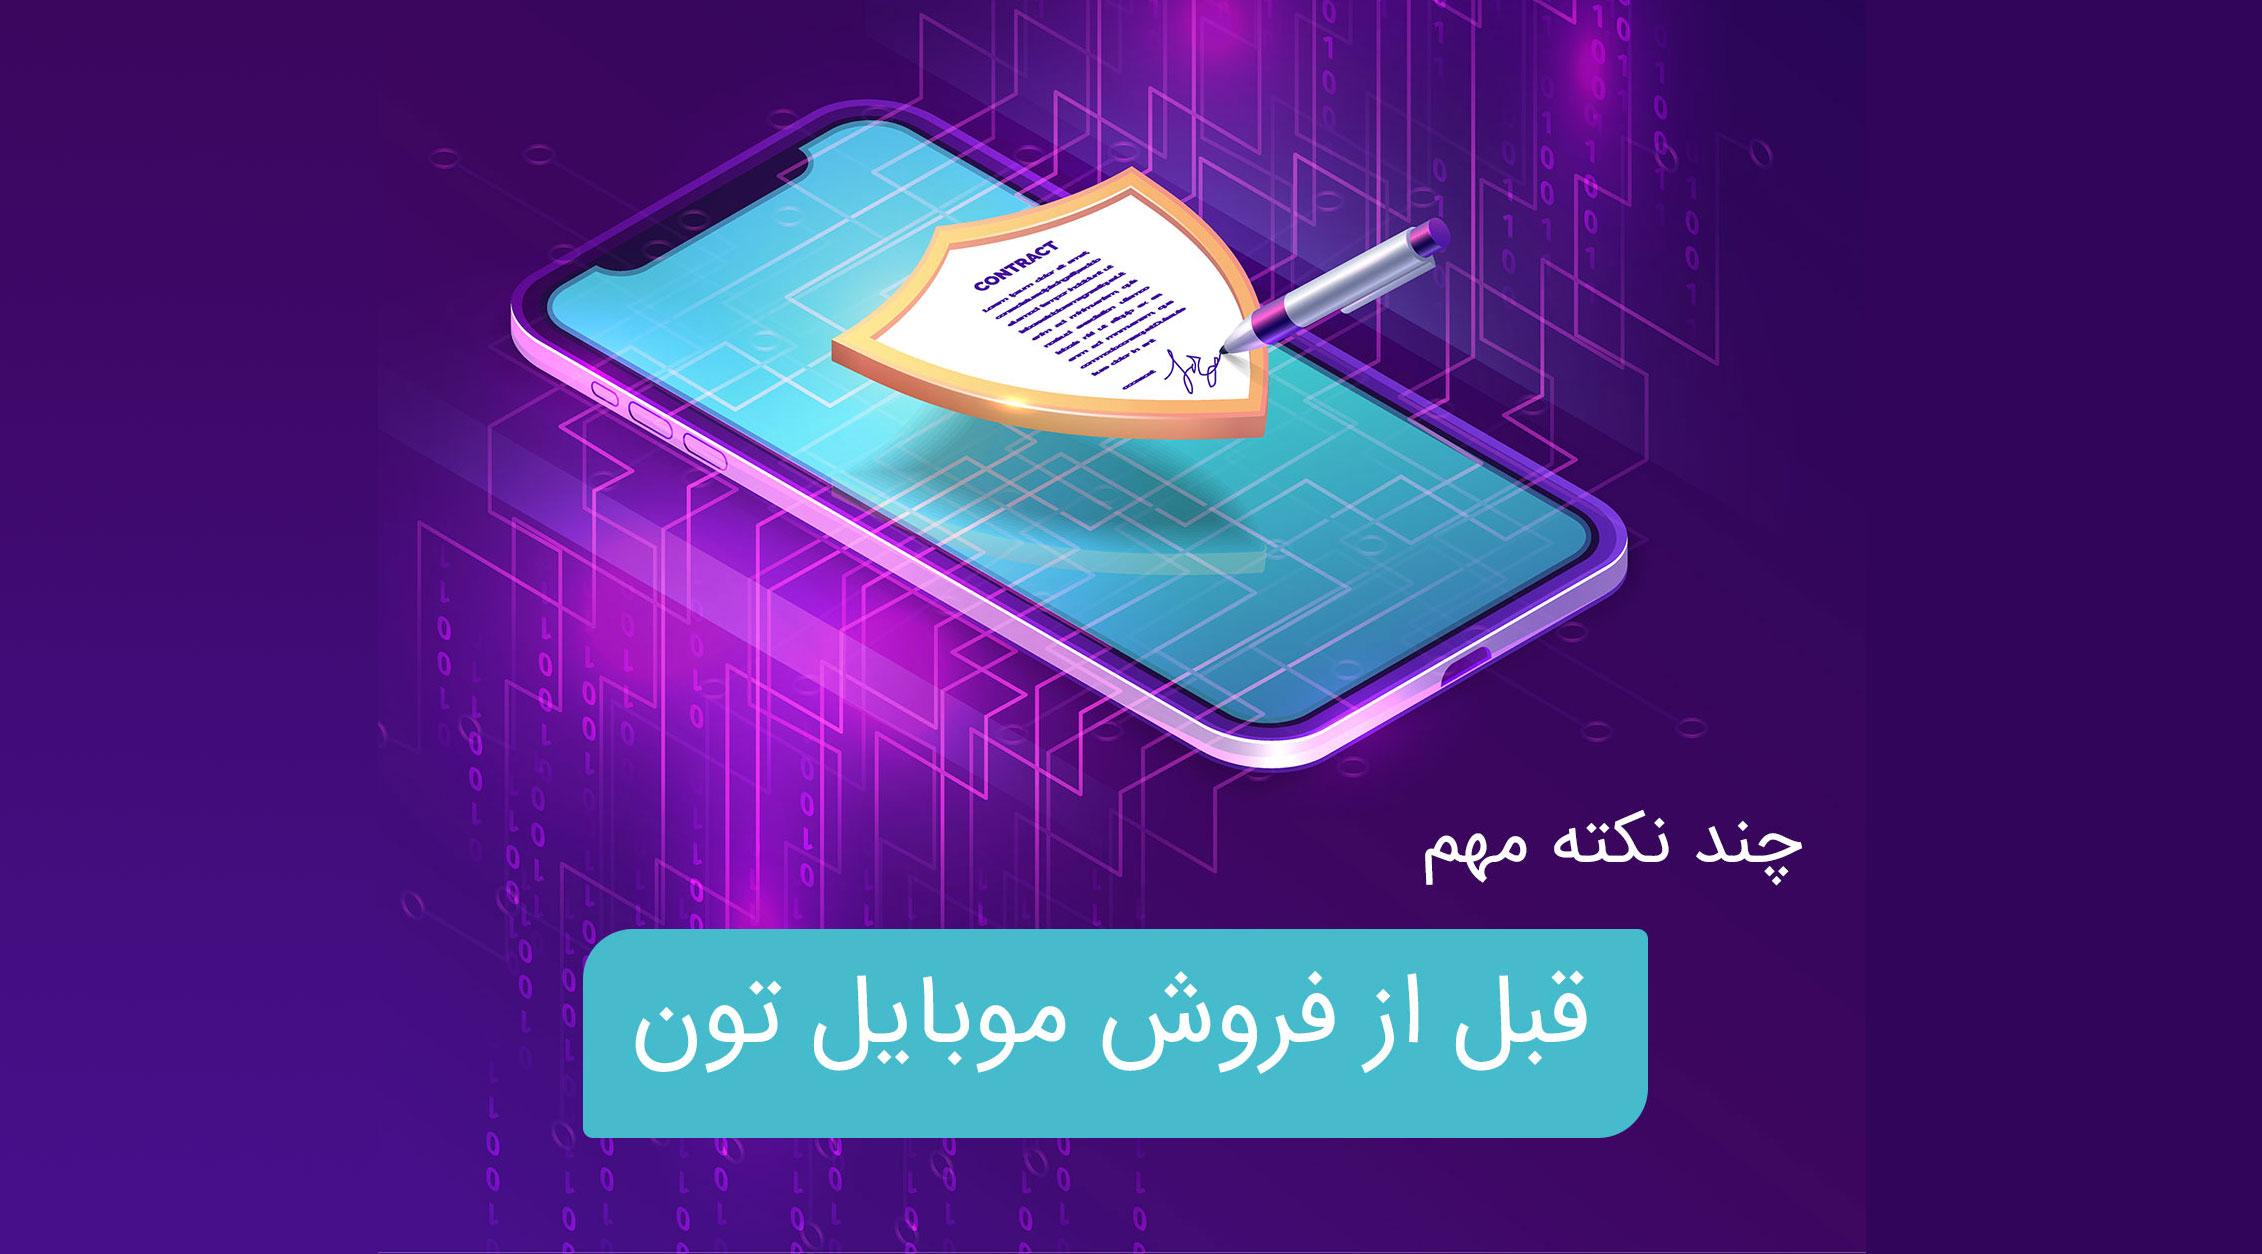 قبل اینکه موبایل تون رو بفروشید، مواظب اطلاعاتتون باشید!